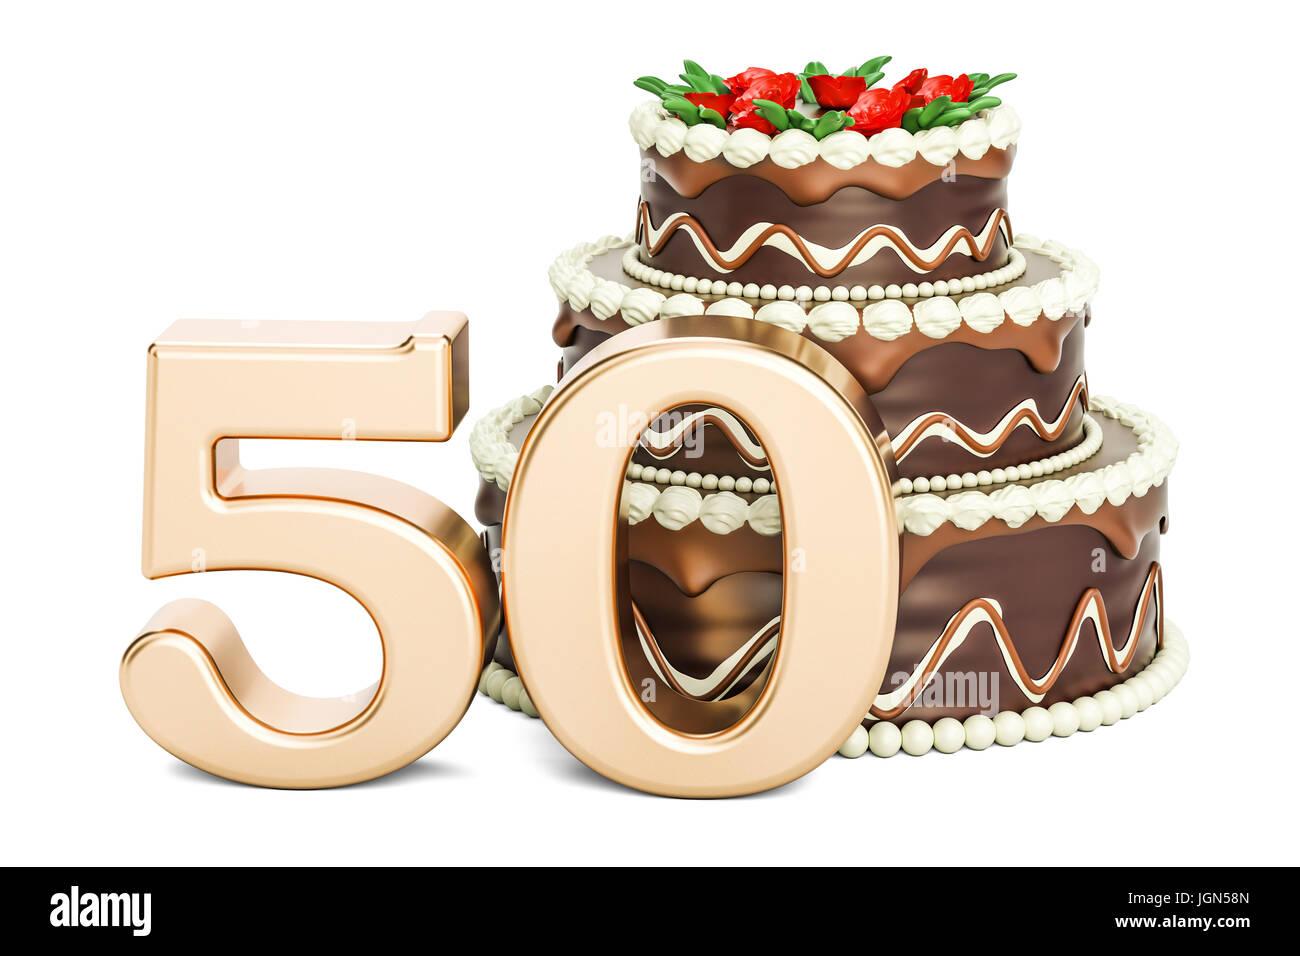 Geburtstag Schokoladenkuchen Mit Goldene Zahl 50 3d Rendering